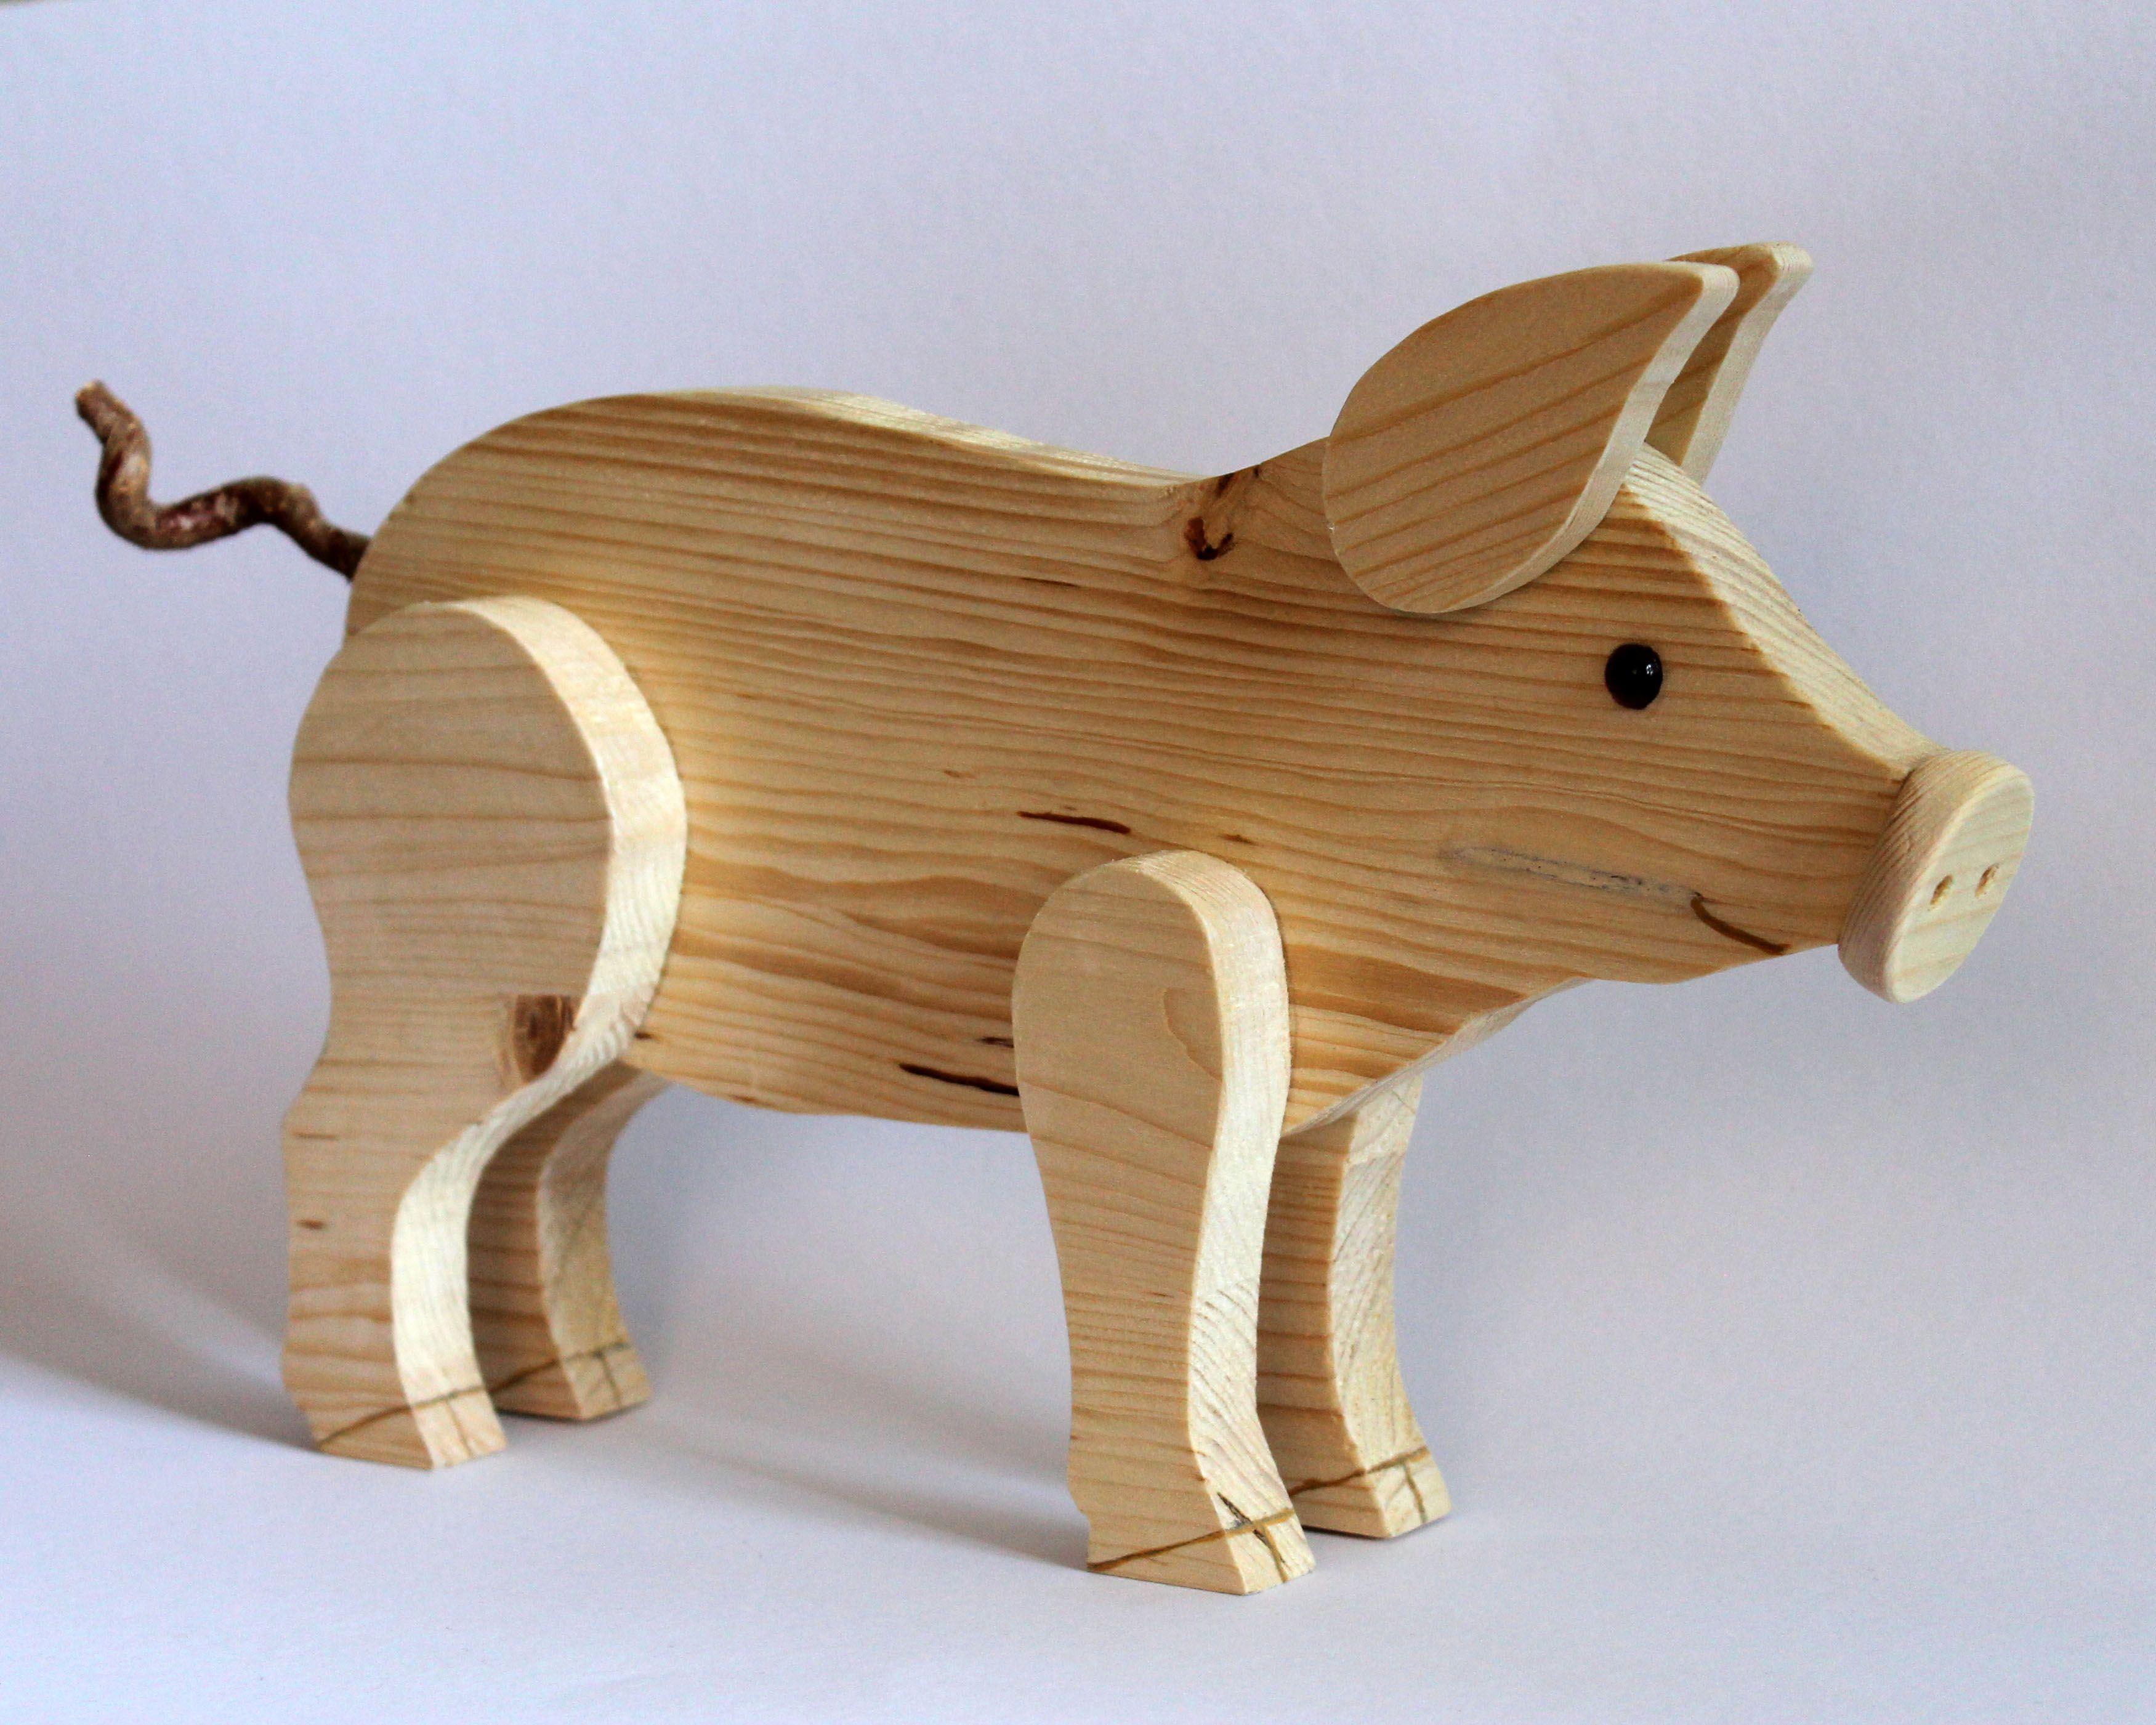 holzdeko schwein massiv natur ein deko schwein aus massivem holz und mit einem. Black Bedroom Furniture Sets. Home Design Ideas